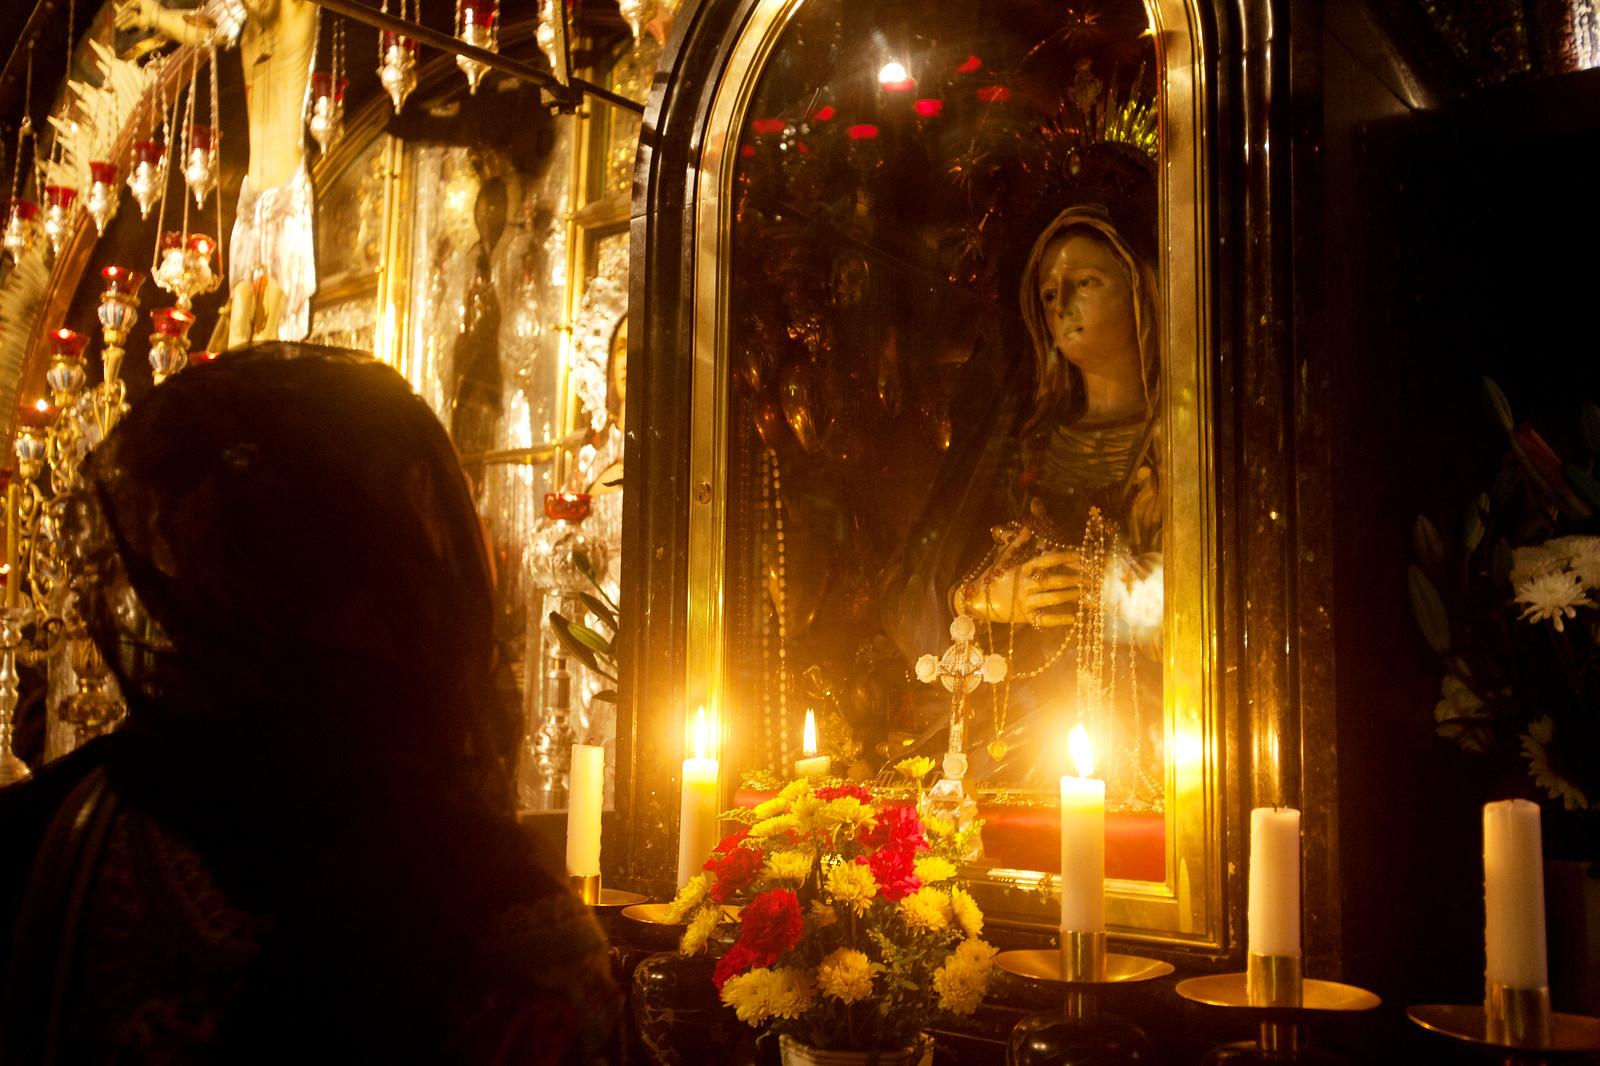 Jerusalem_Holy Sepulcher_Mater Dolorosa_Noam Chen_IMOT